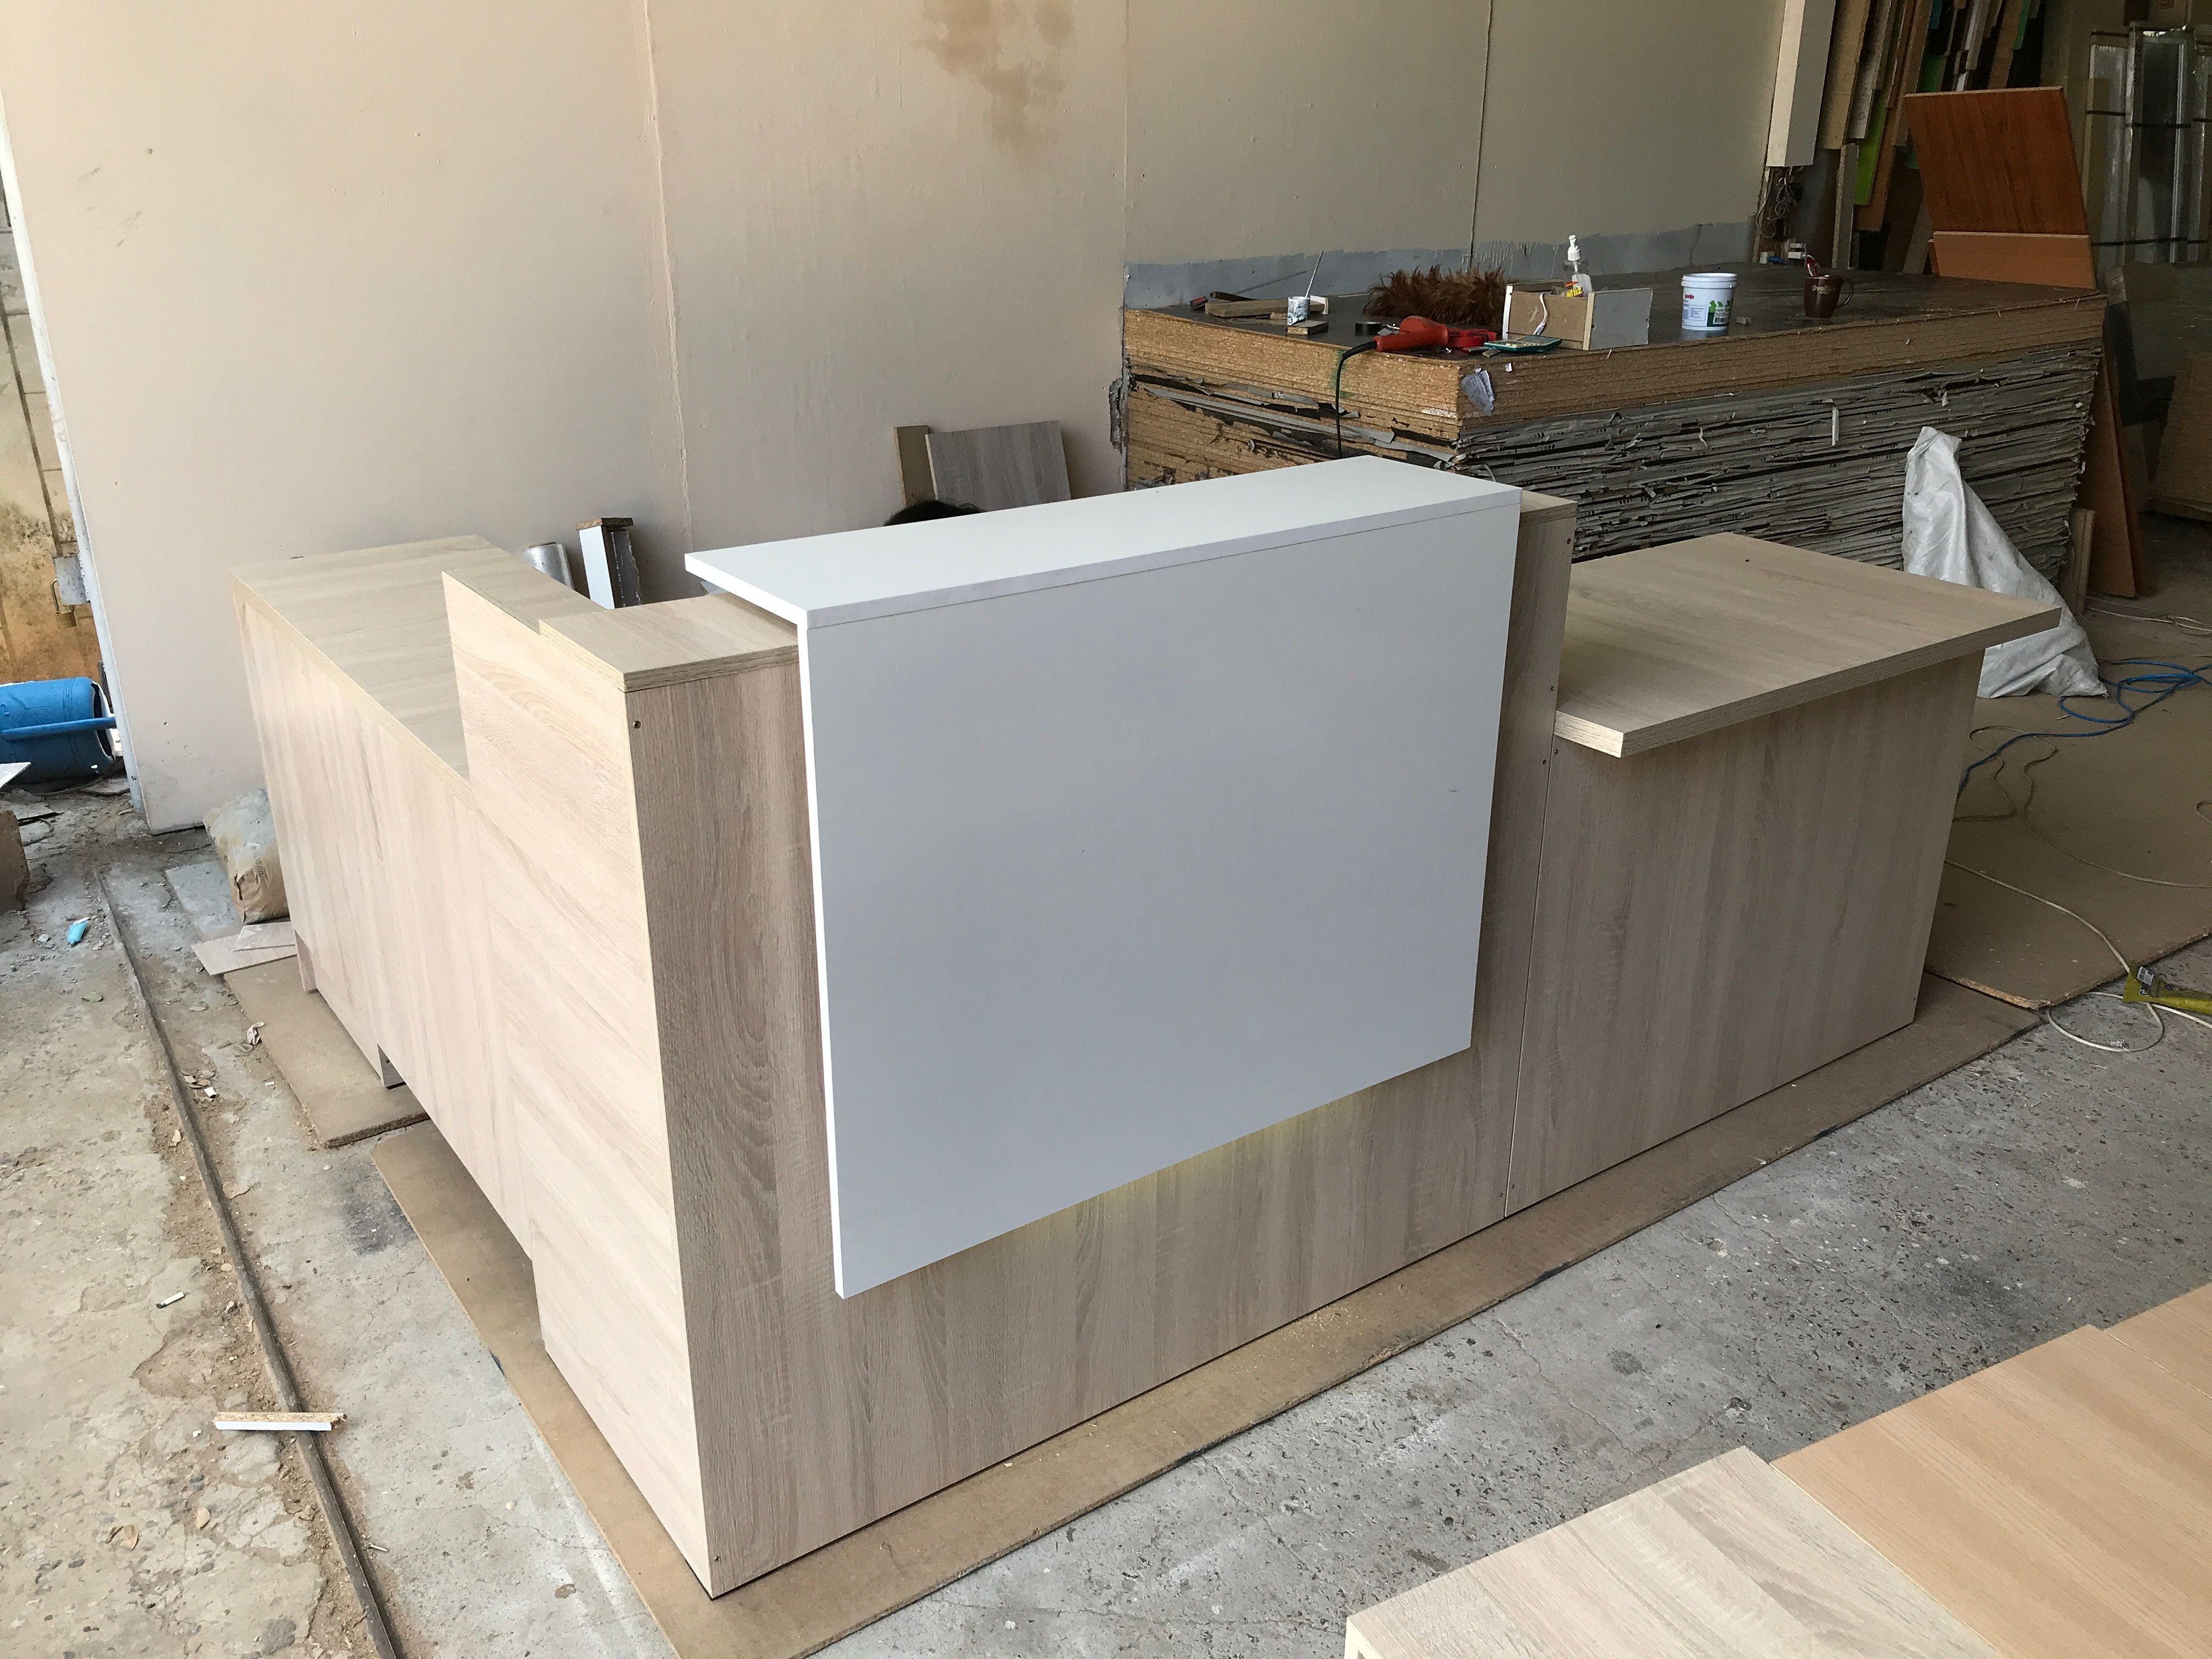 Mostrador Reception Desk Design Reception Counter Design Cashier Counter Design